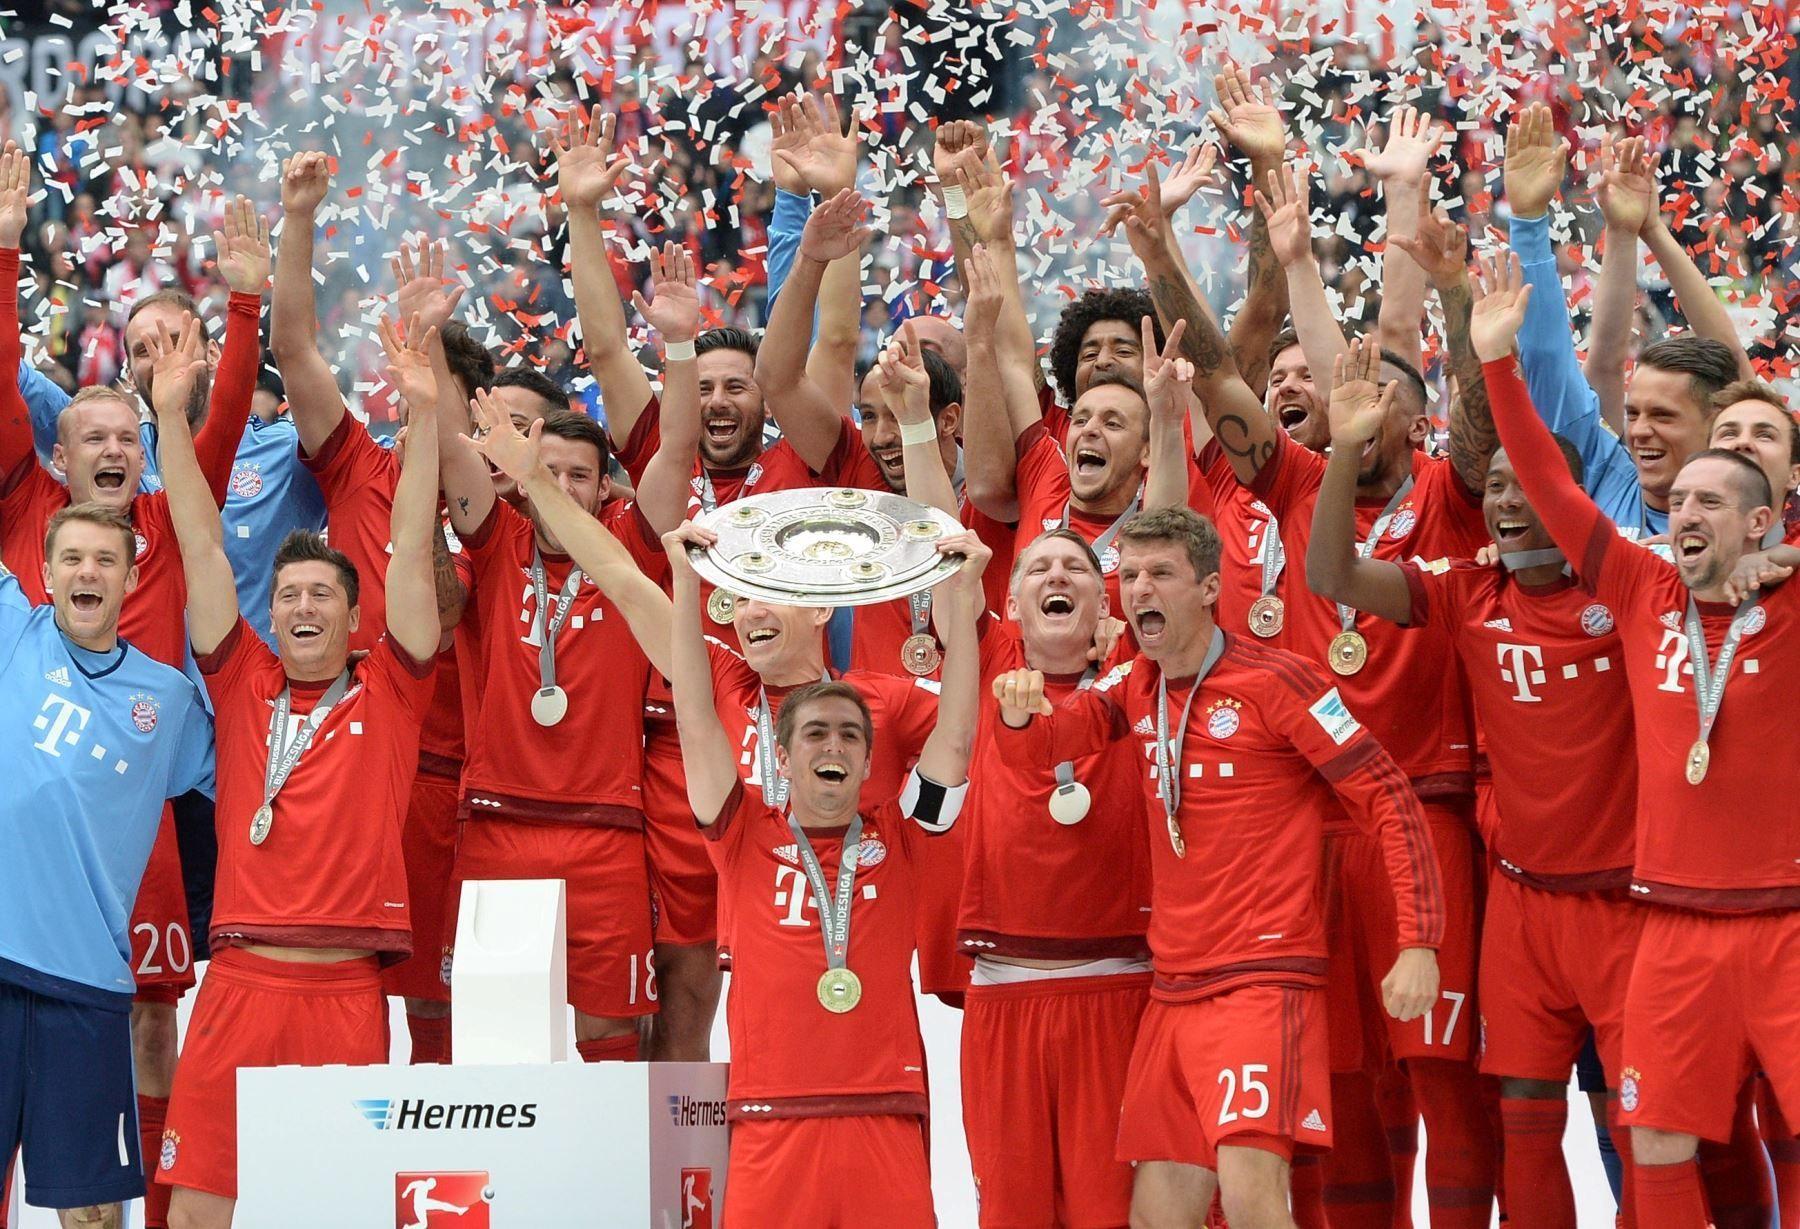 Una fácil, ¿cuántas veces ha ganado la bundesliga el Bayern München?